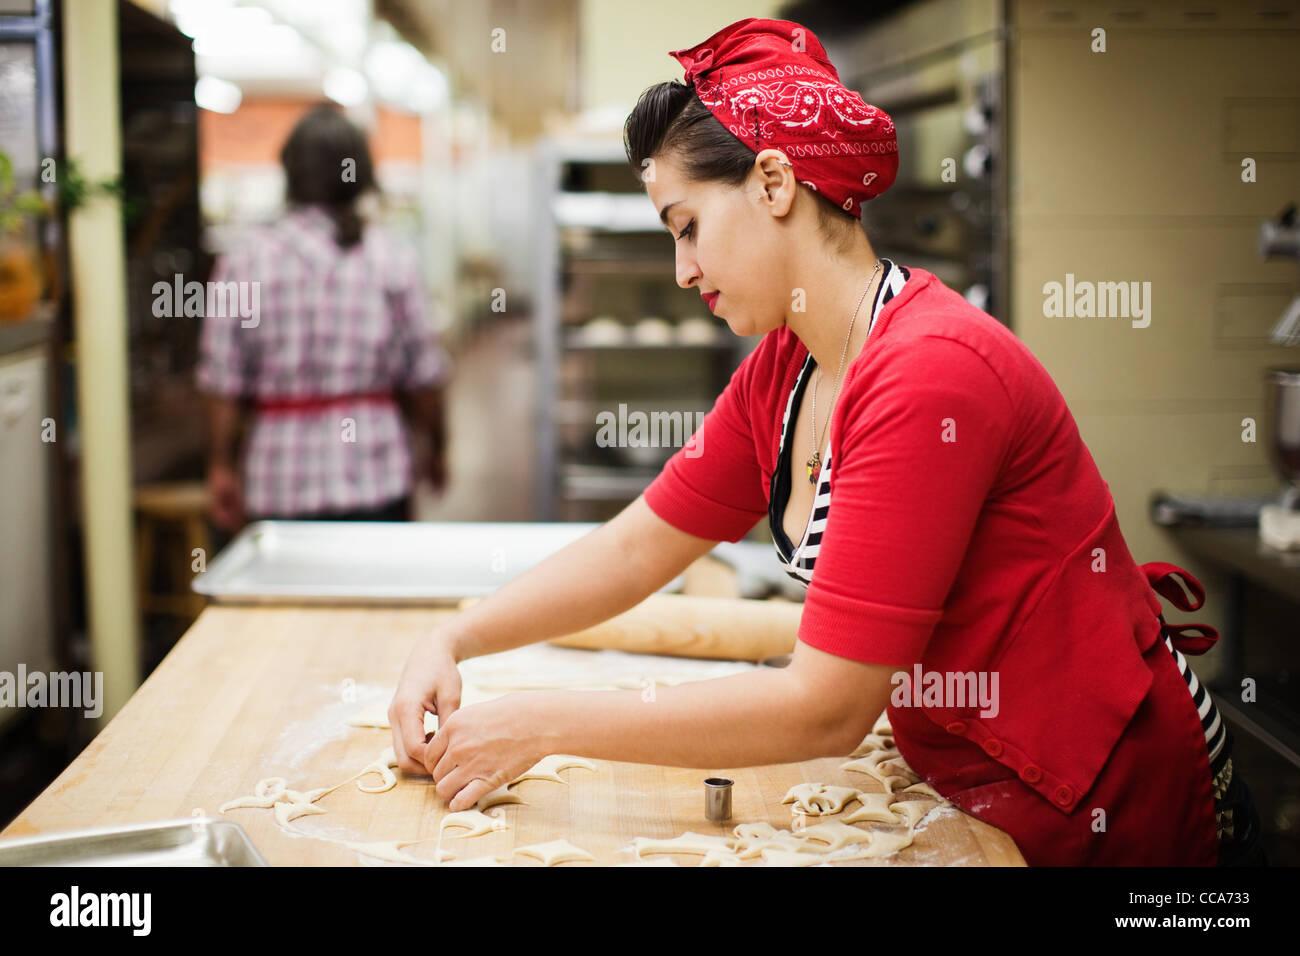 Baker jóvenes preparando la comida en la cocina Imagen De Stock